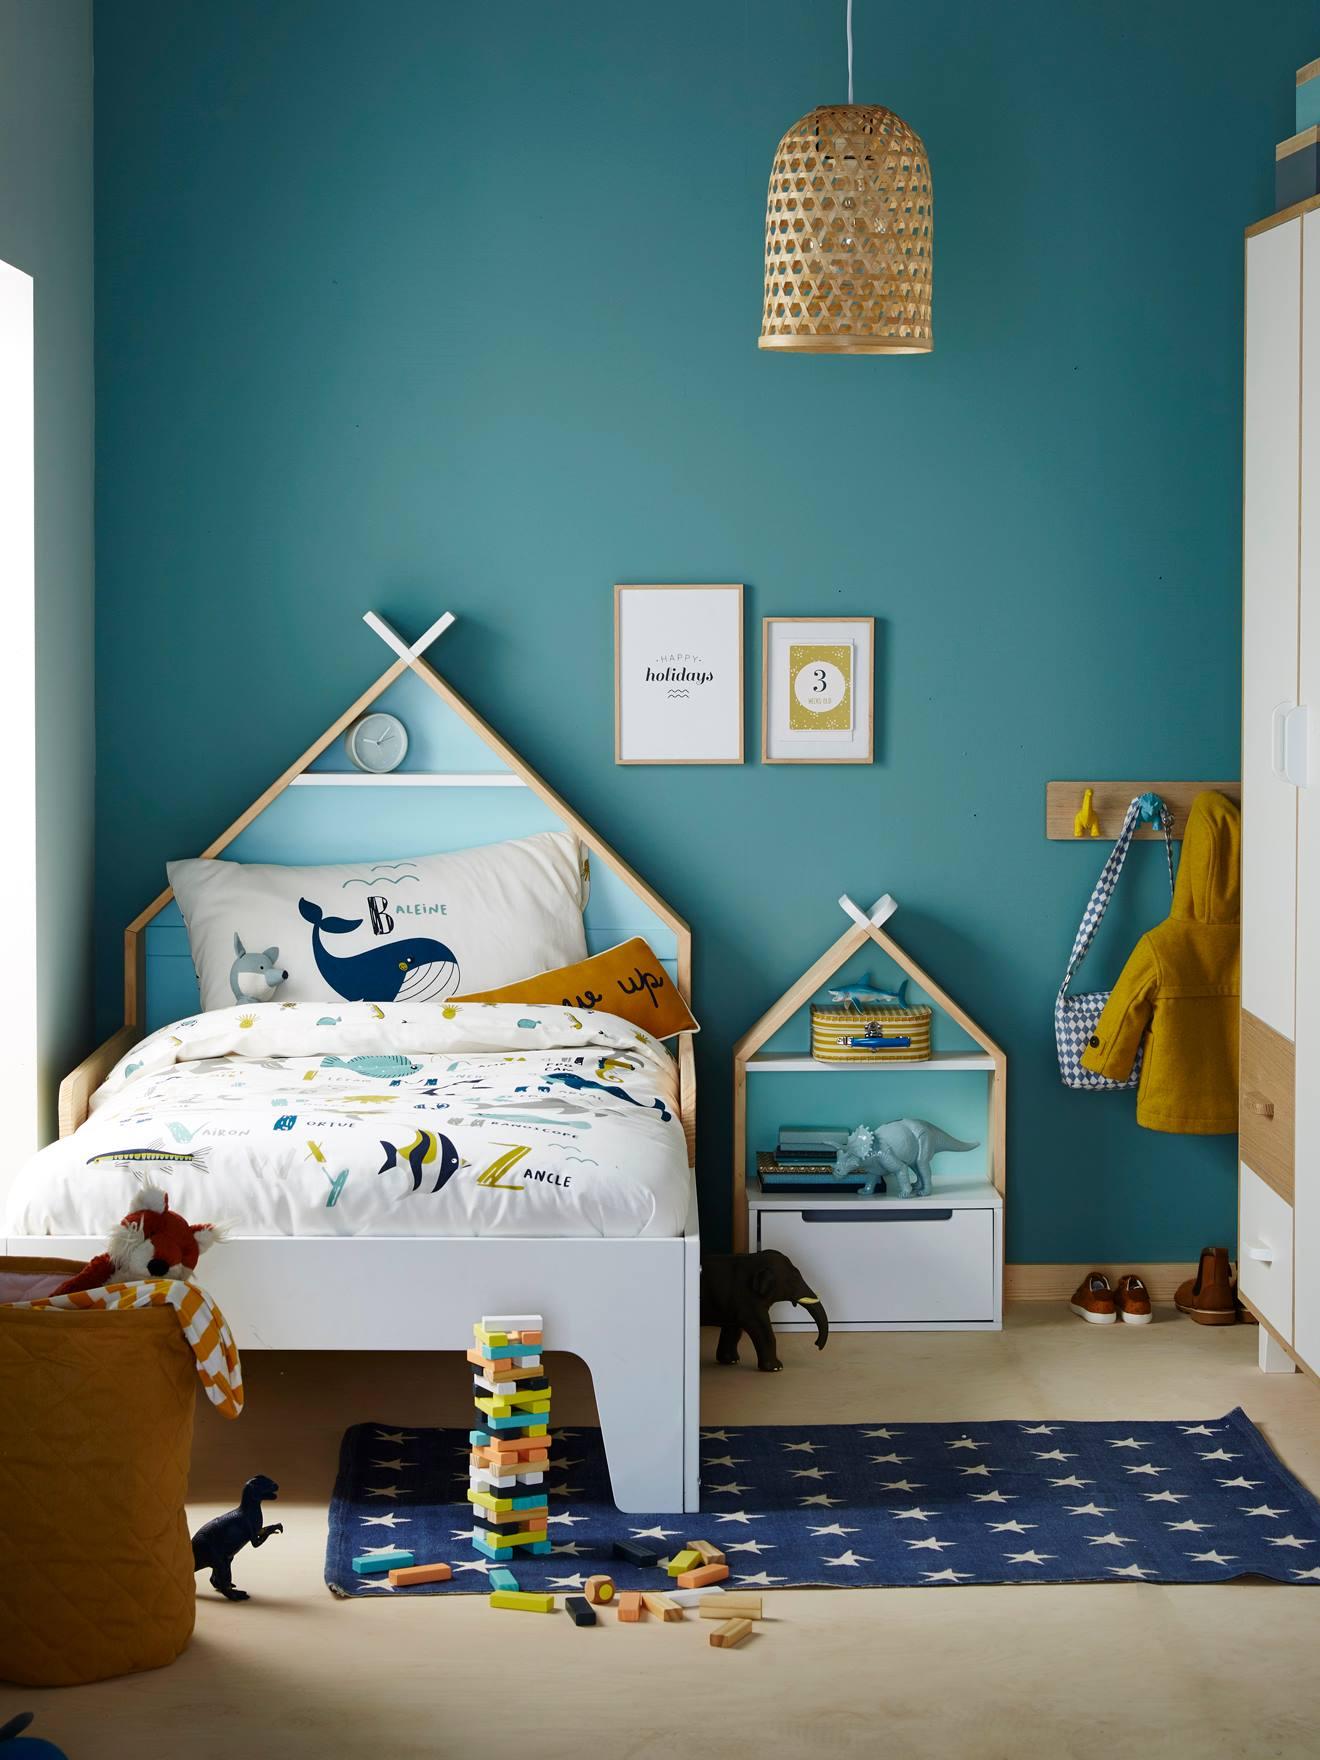 Mur bleu canard chambre enfant et lit maison évolutif